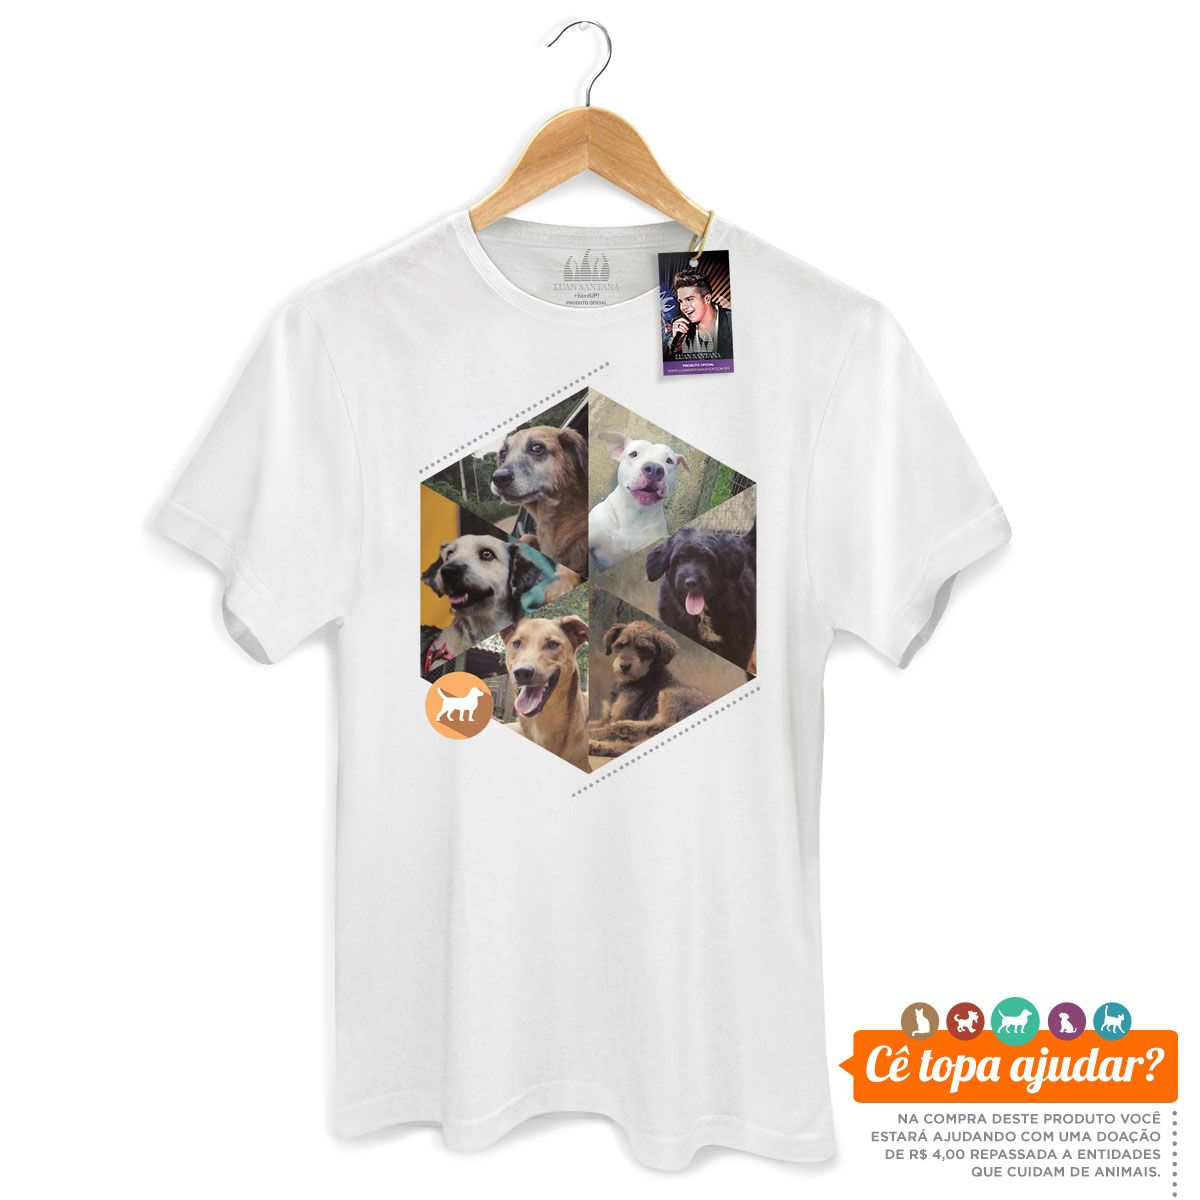 Camiseta Masculina Luan Santana Cê Topa Cuidar da Gente?